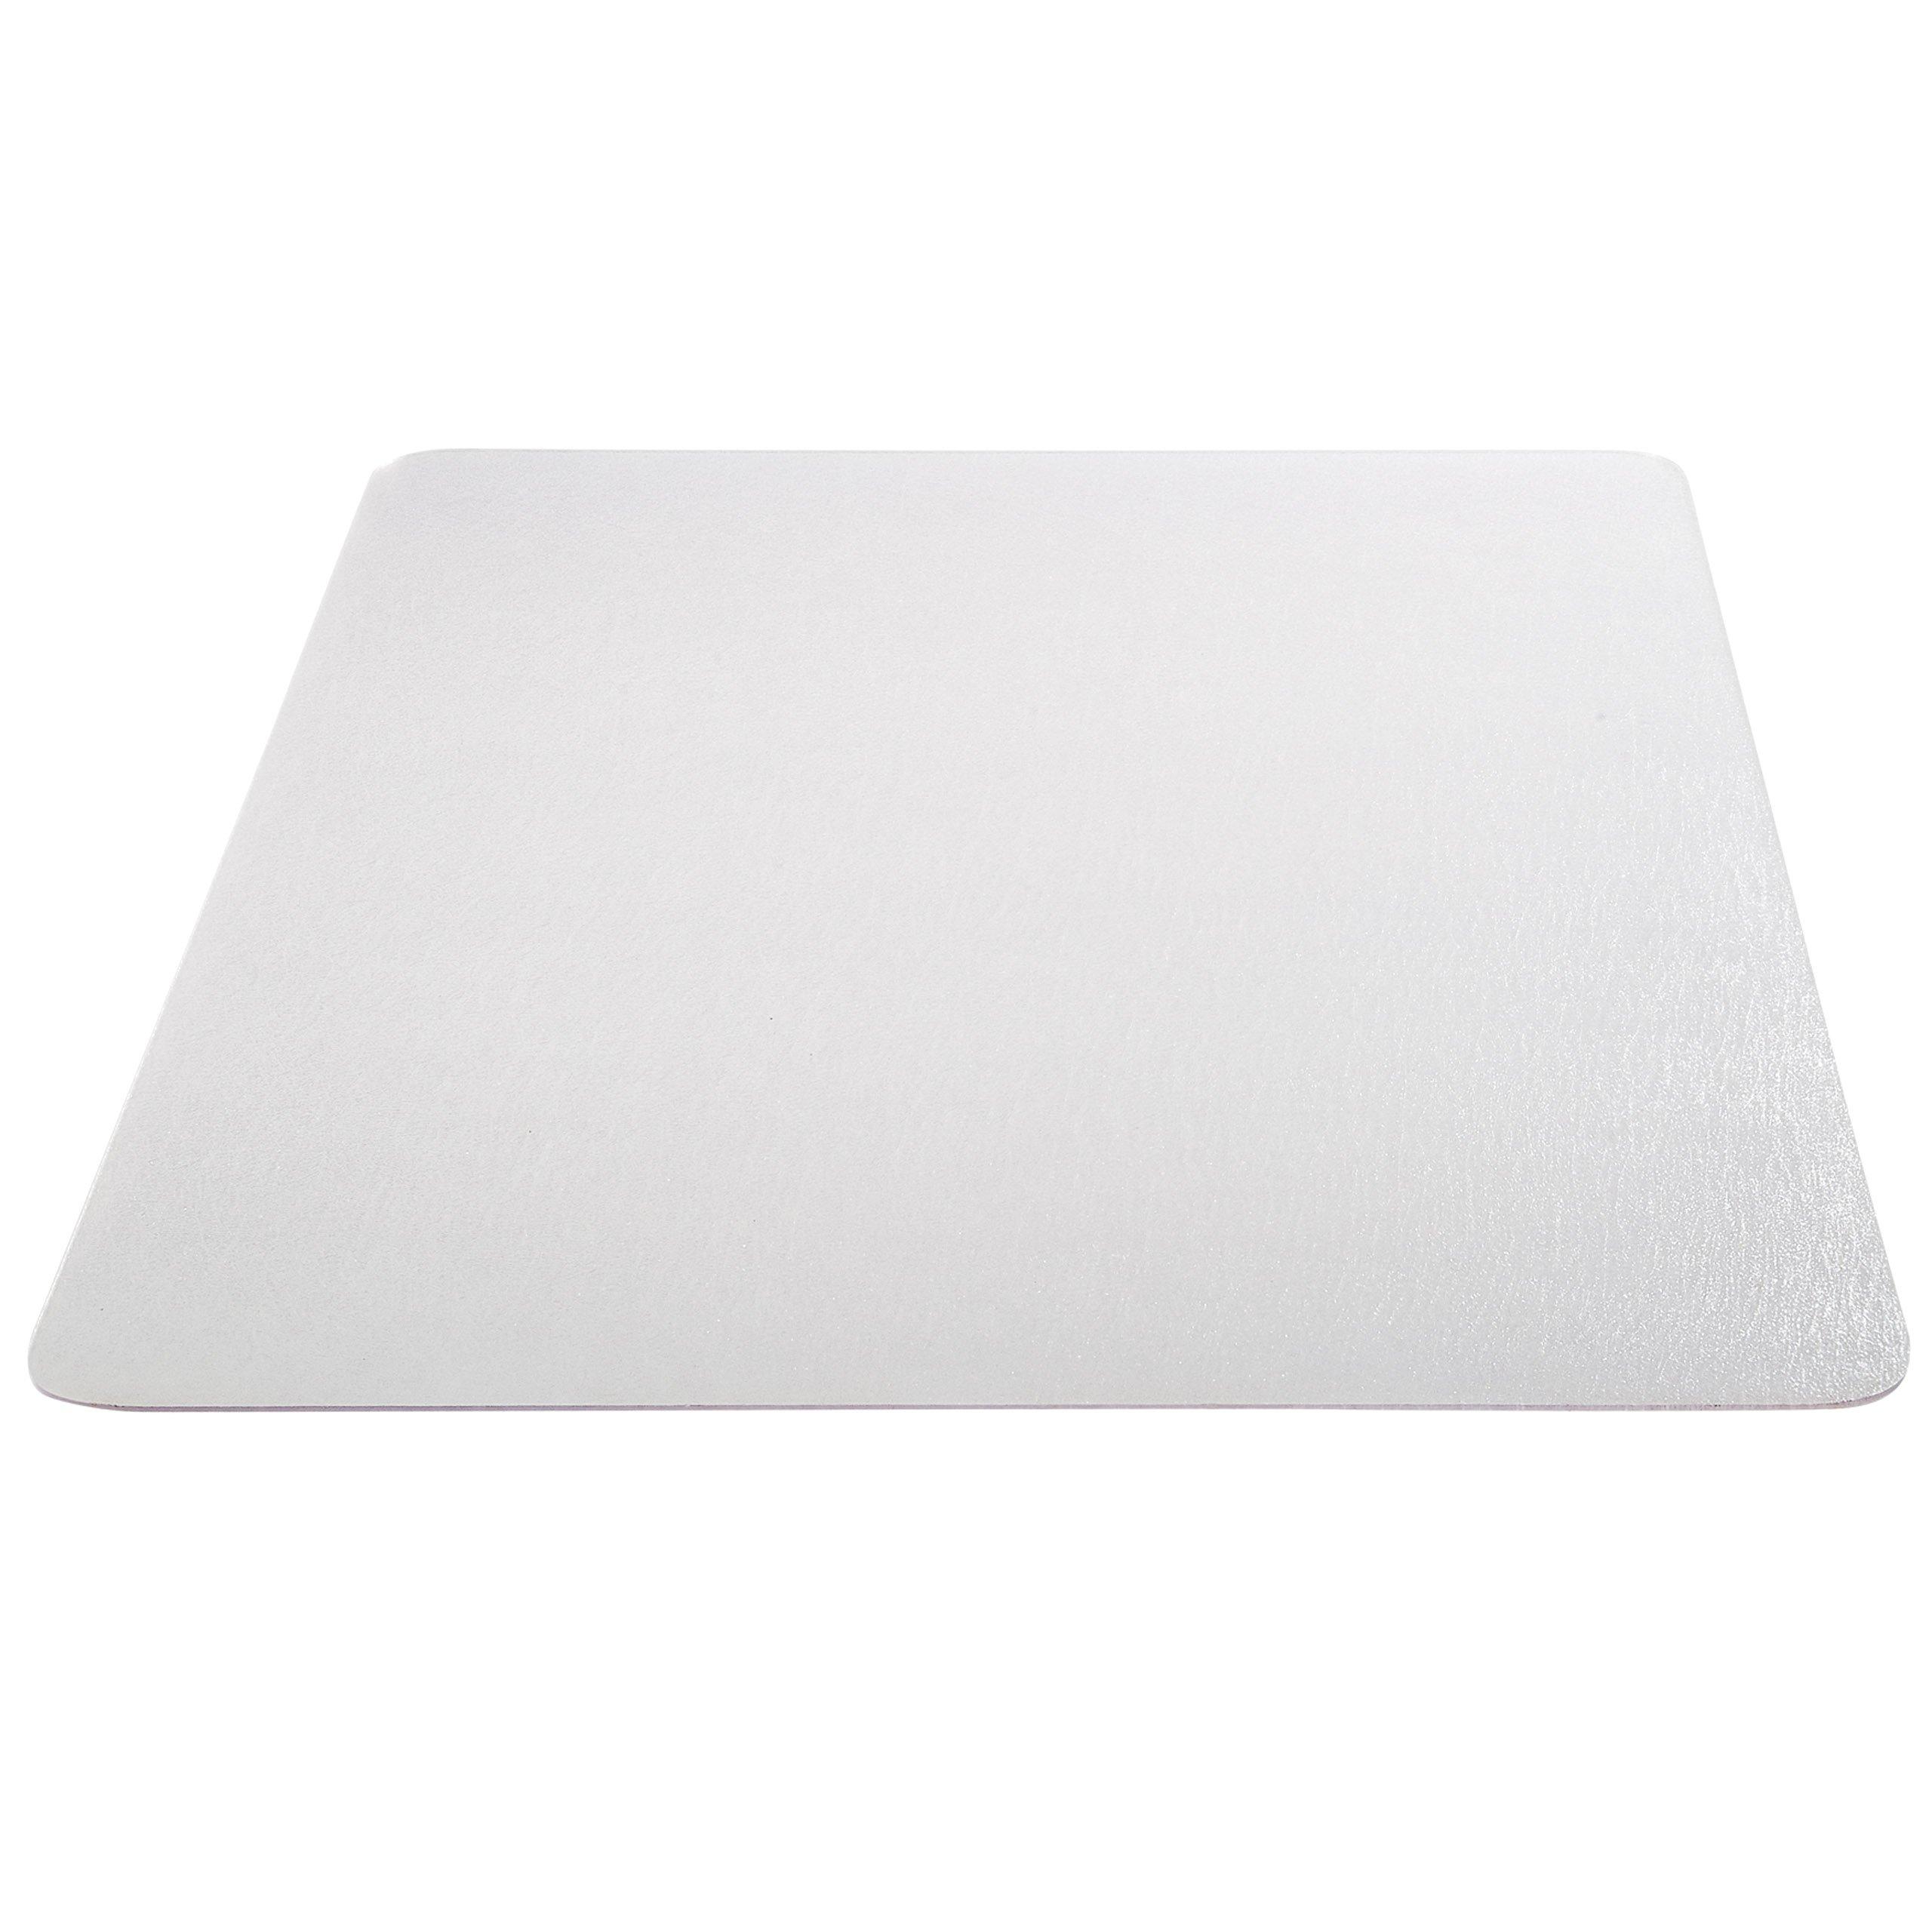 Deflecto EconoMat Clear Chair Mat, Hard Floor Use, Rectangle, Straight Edge, 46'' x 60'', Clear (CM2E442FCOM)